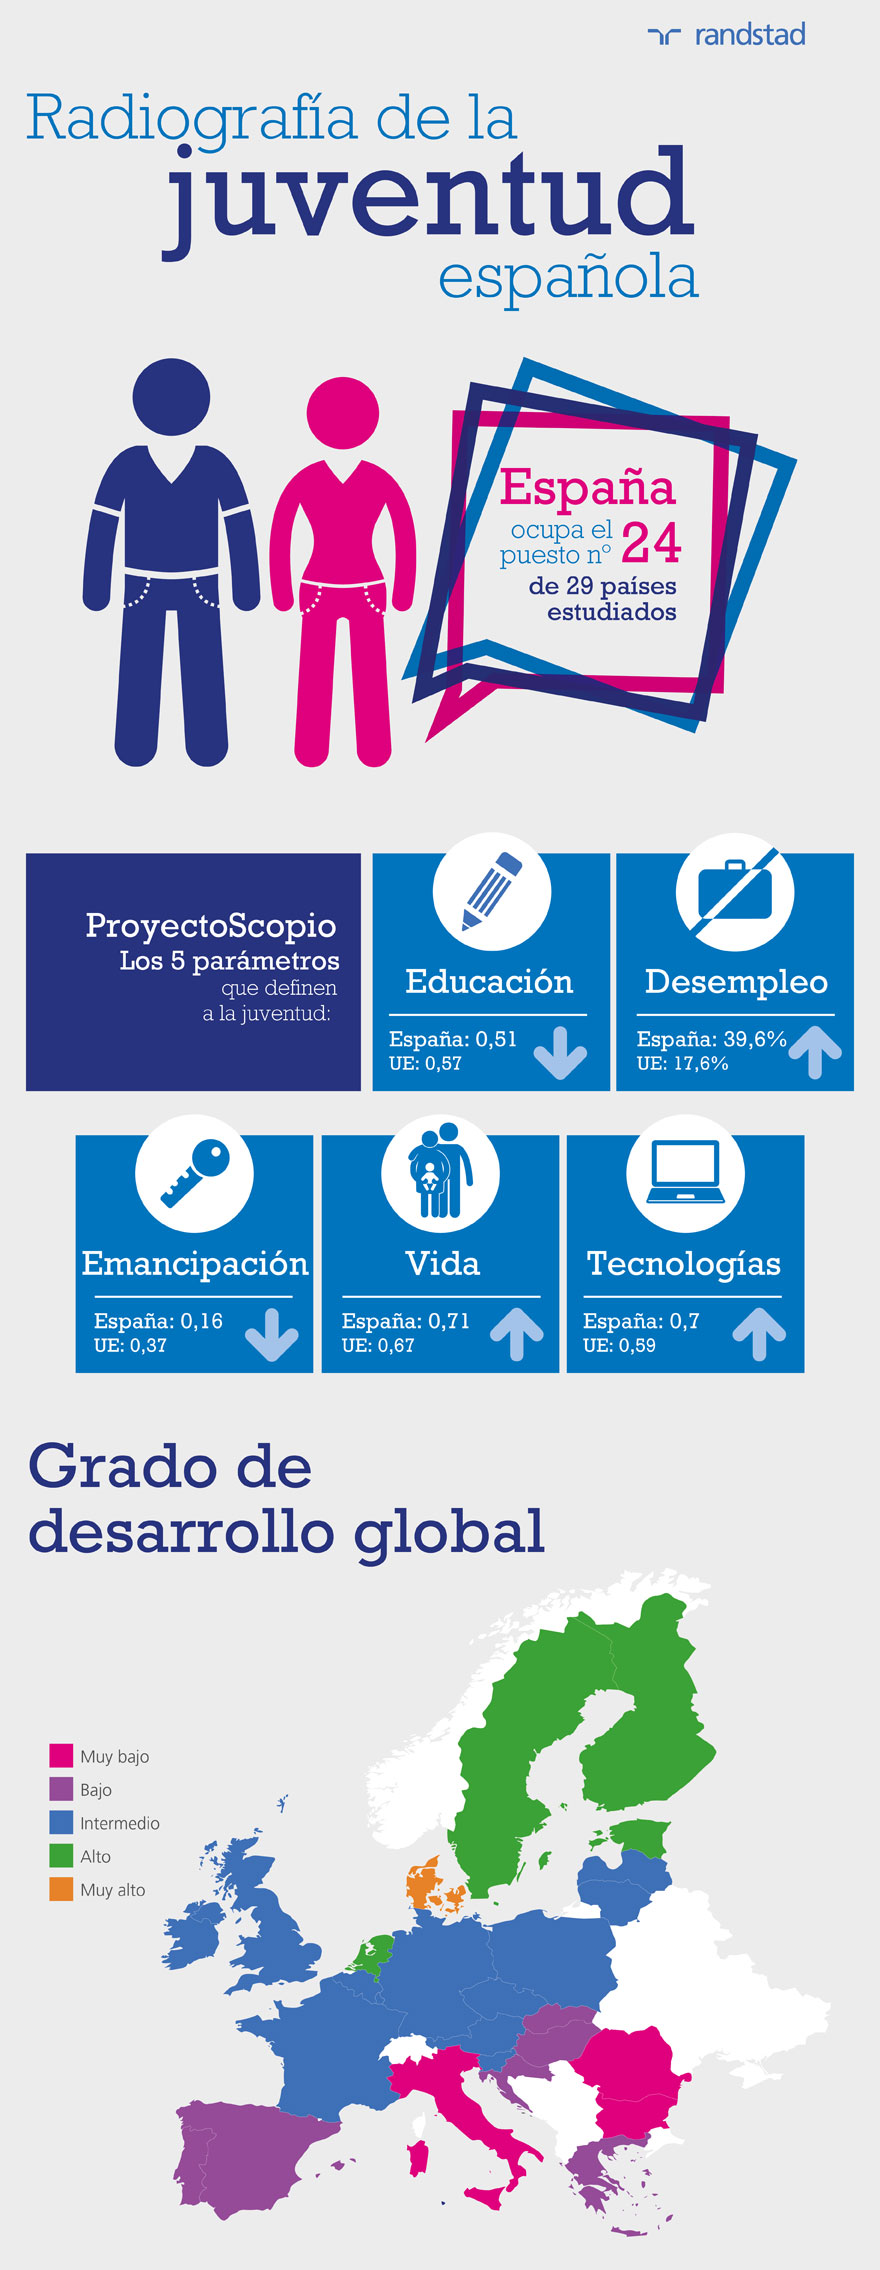 infografía | radiografía de la juventud española | revista tendencias 26 | 2017